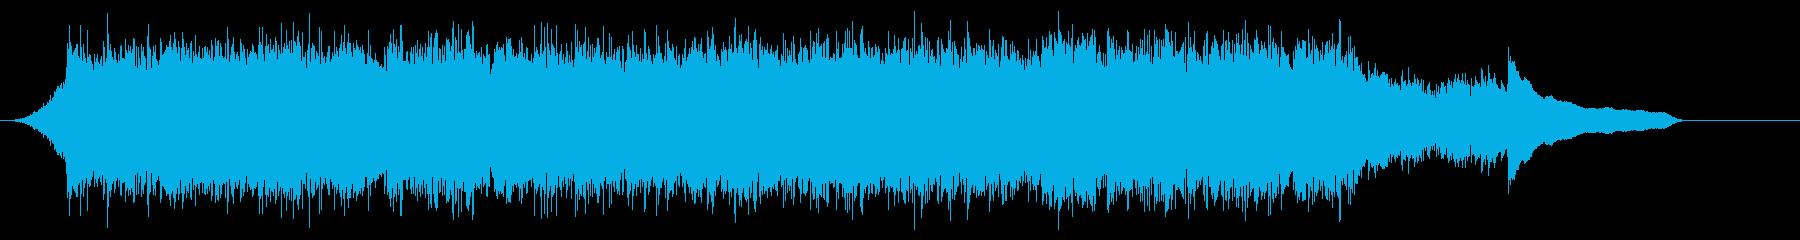 企業VP映像、103オーケストラ、爽快cの再生済みの波形